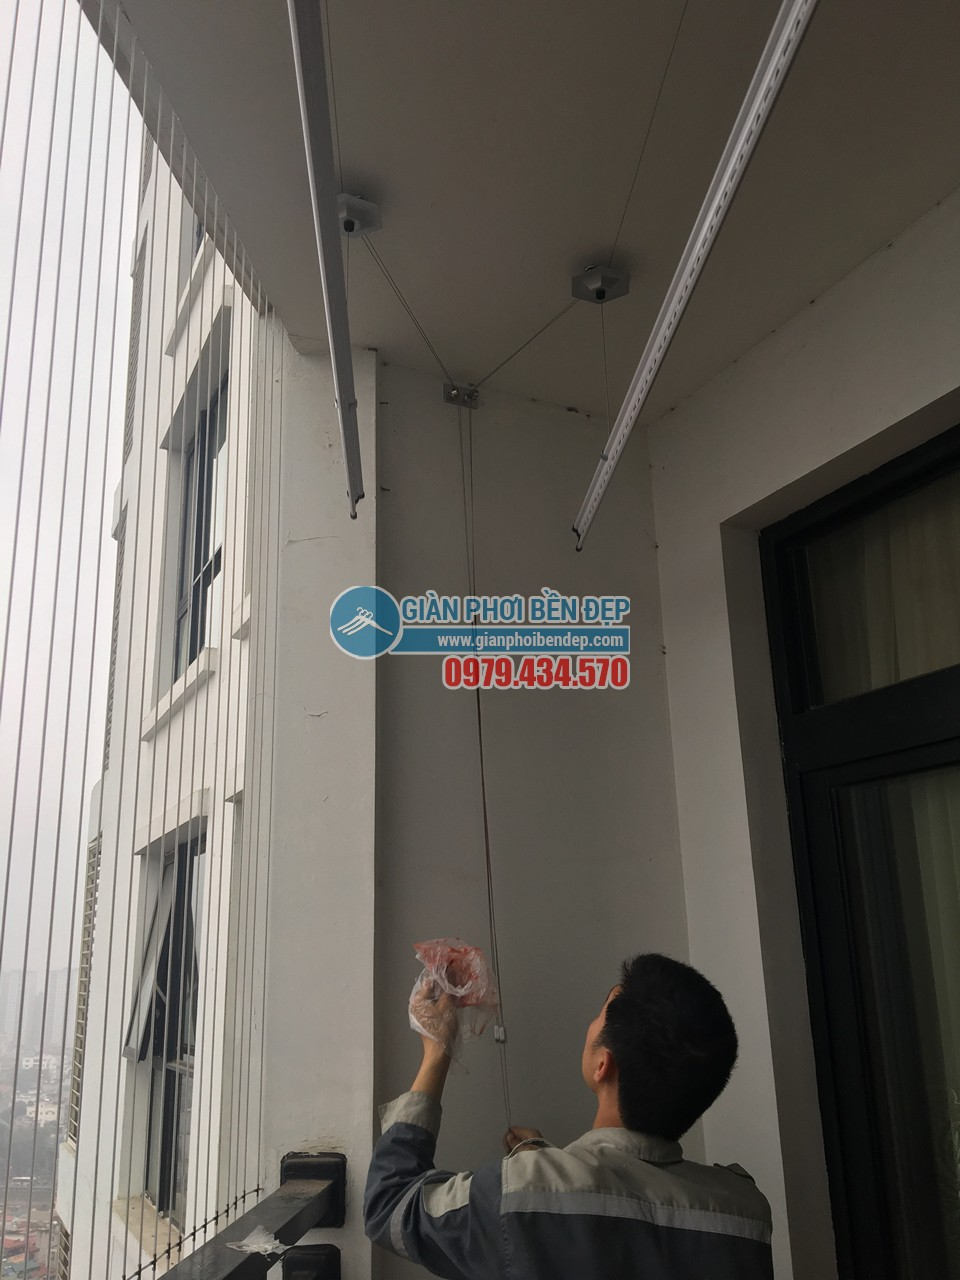 Lắp đặt giàn phơi đồ thông minh, hiện đại nhà chị Hiền, Royal City - 03